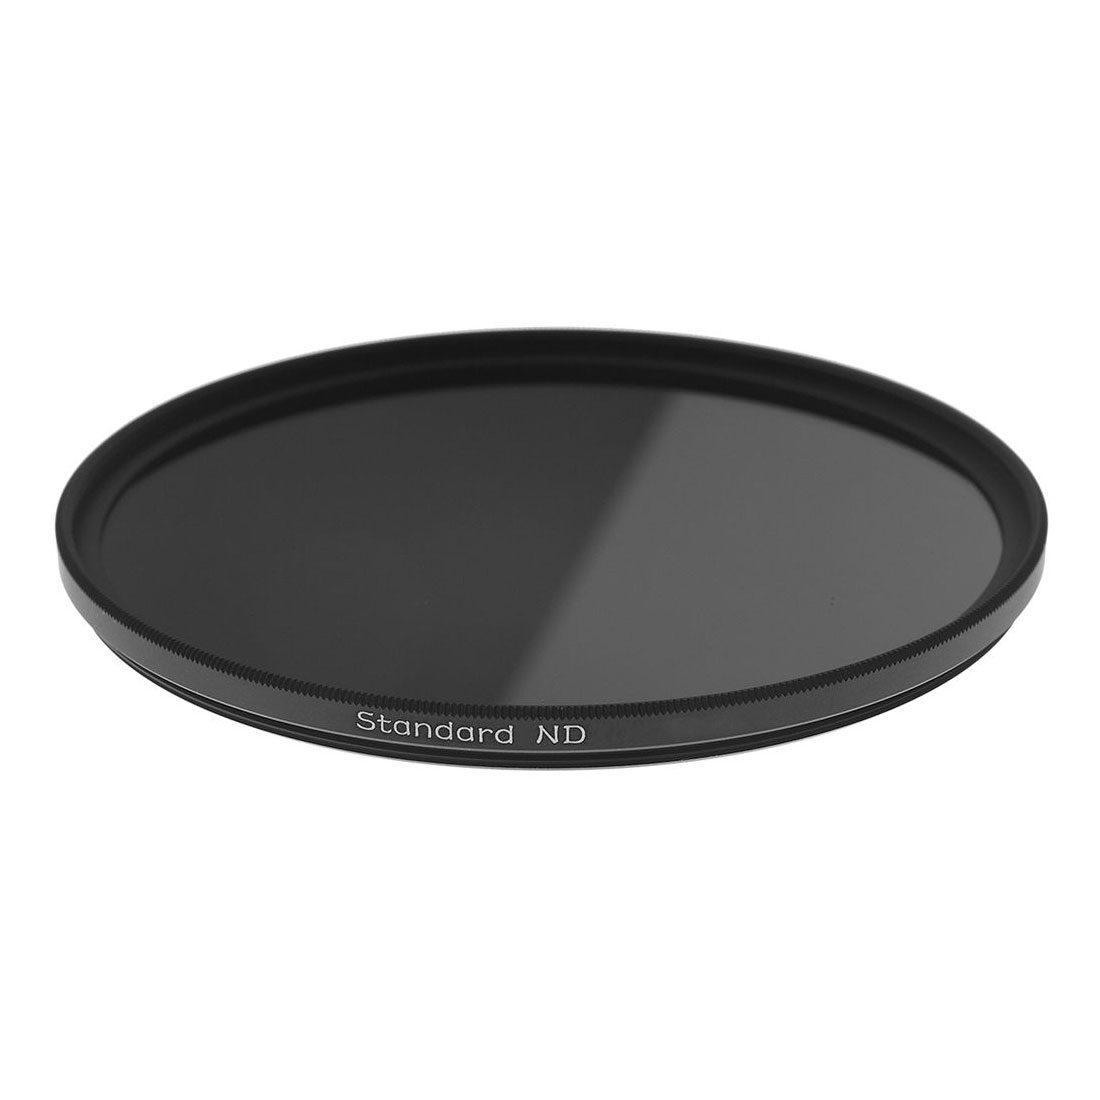 Formatt Hitech Firecrest ND 39mm 2.4 (8 stops) filter